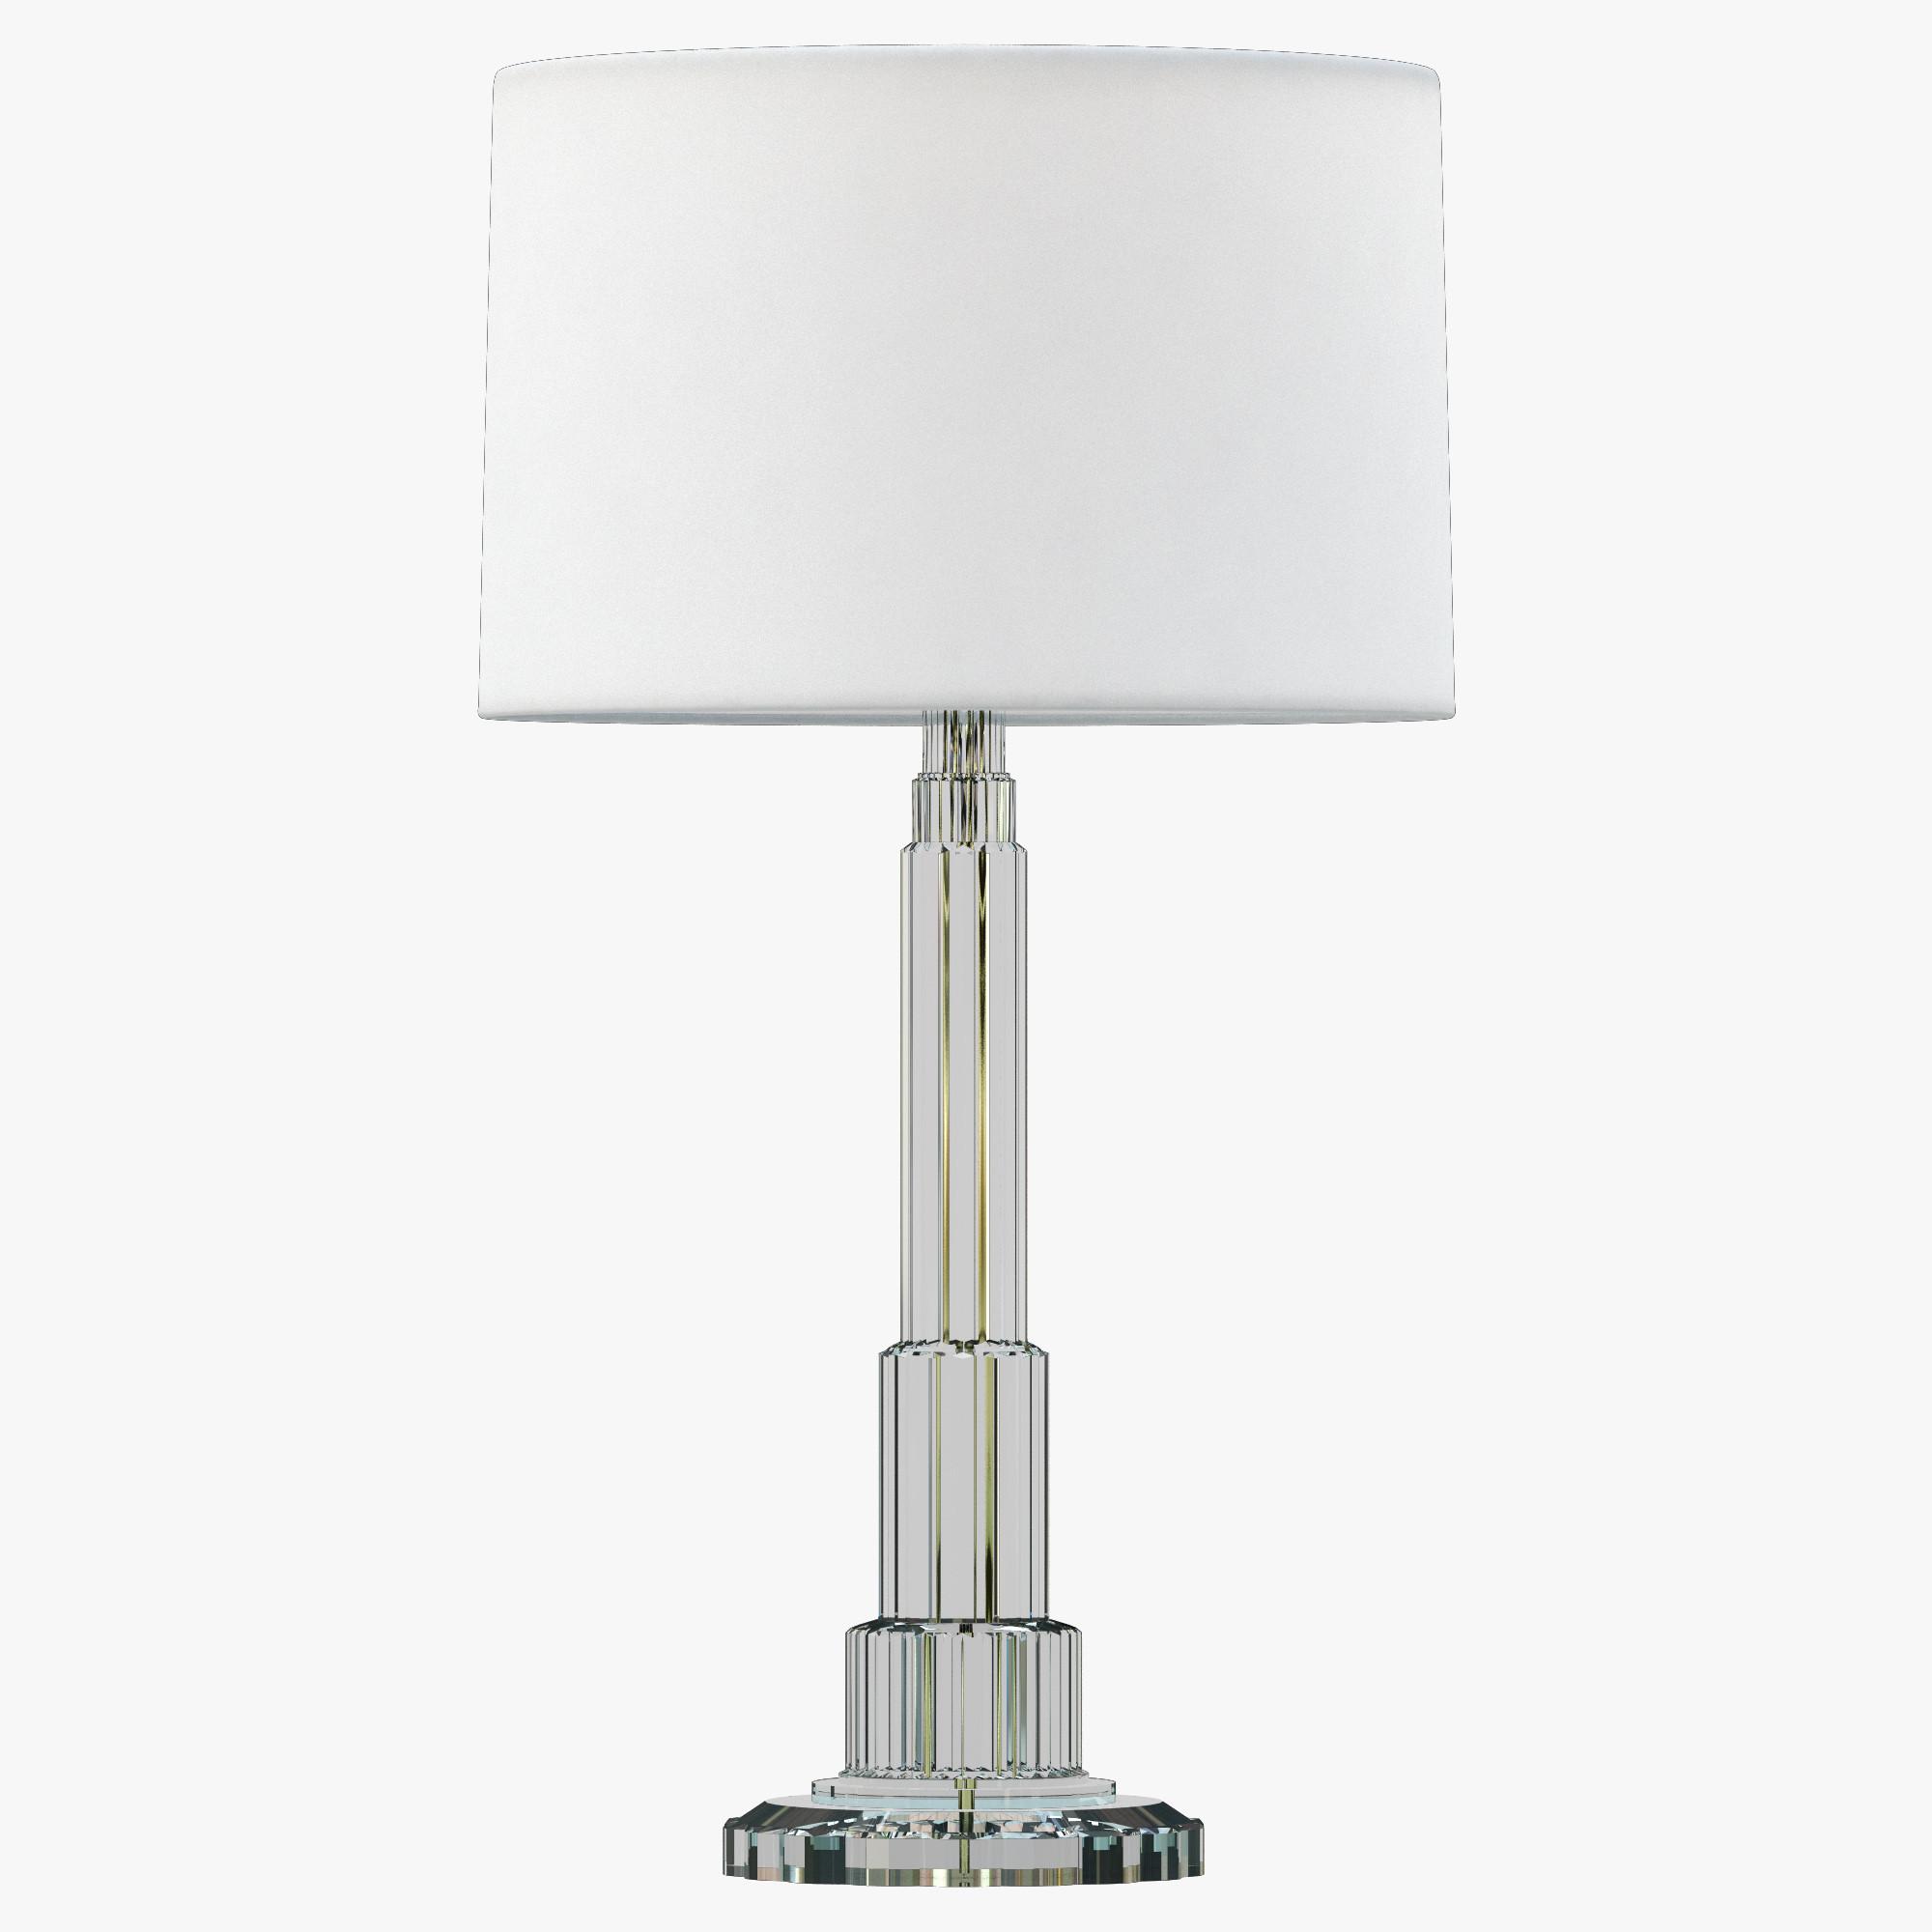 Ralph Lauren BRIGGS TABLE LAMP - CRYSTAL